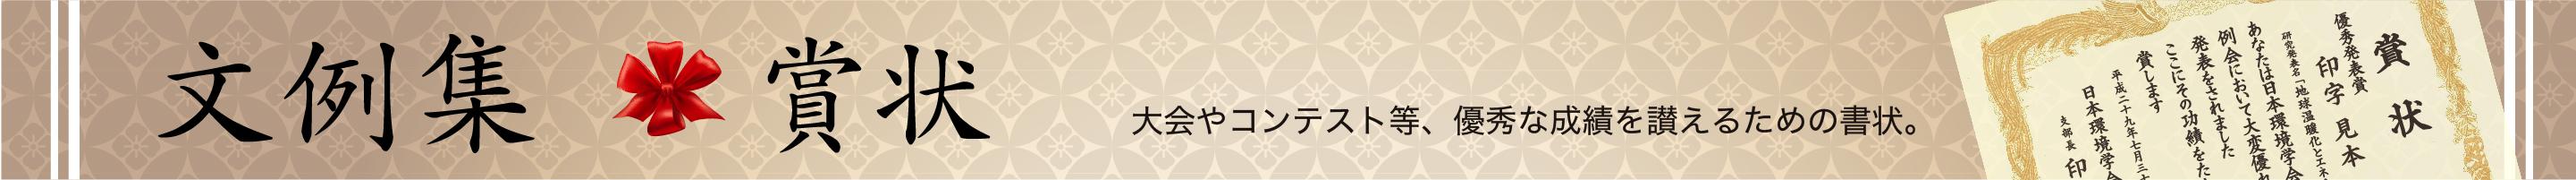 賞状文例集